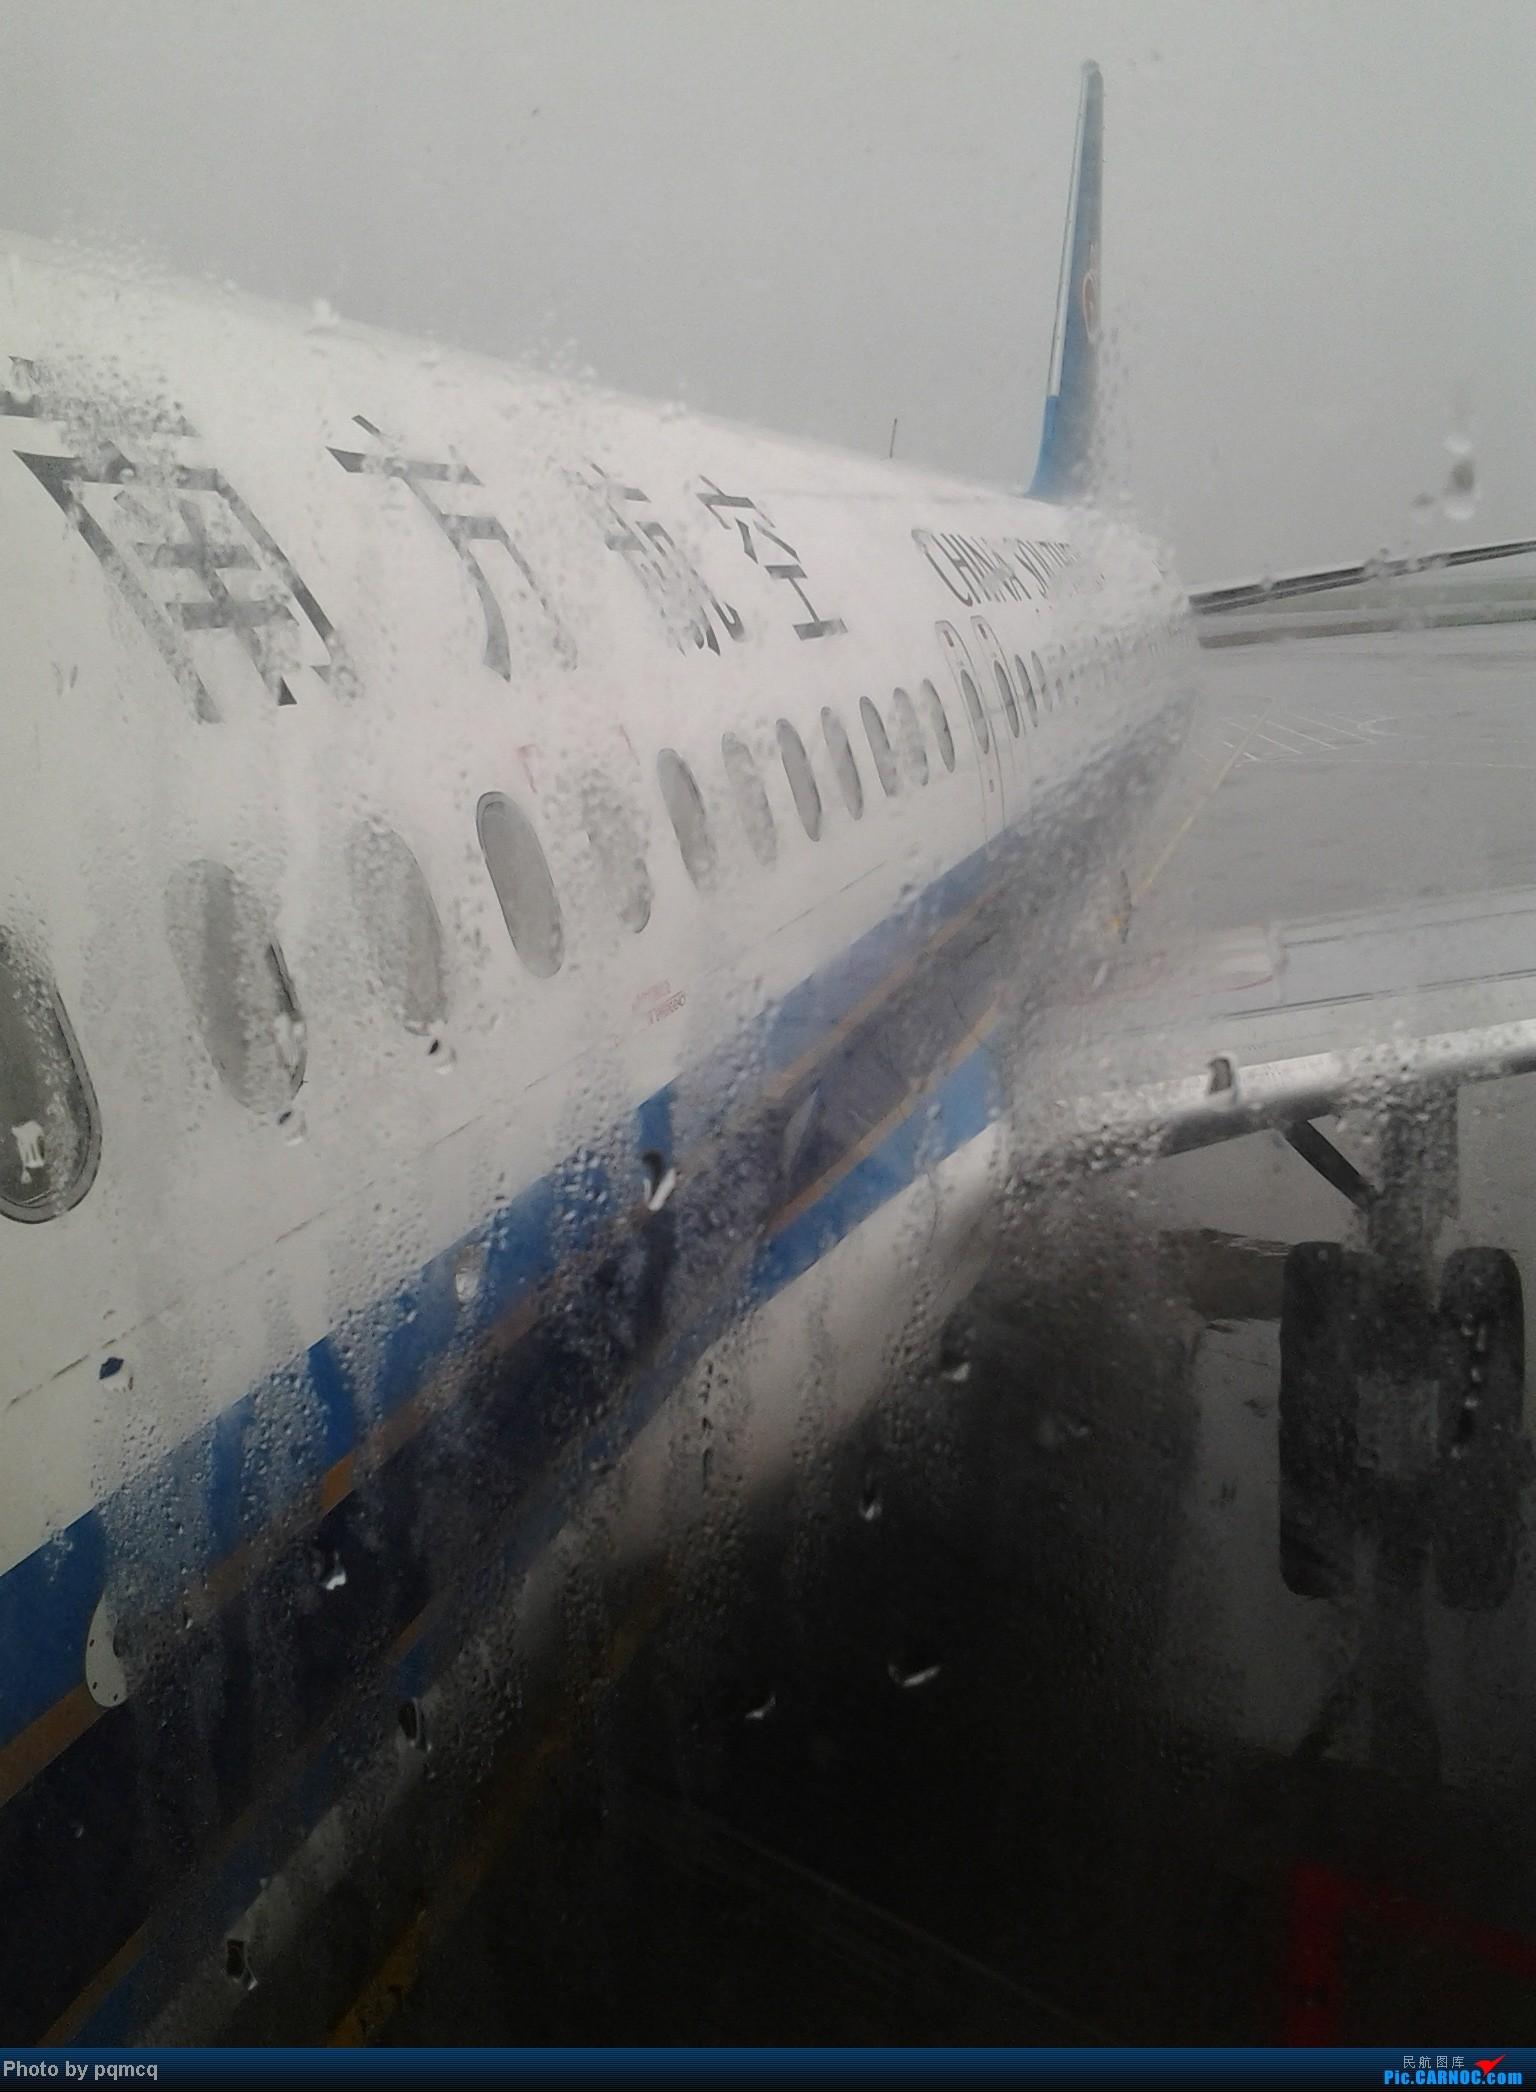 Re:5月17日,CZ3934,5月19日,MF8469,CKG-CSX往返 AIRBUS A320-200 B-6263 中国重庆江北机场